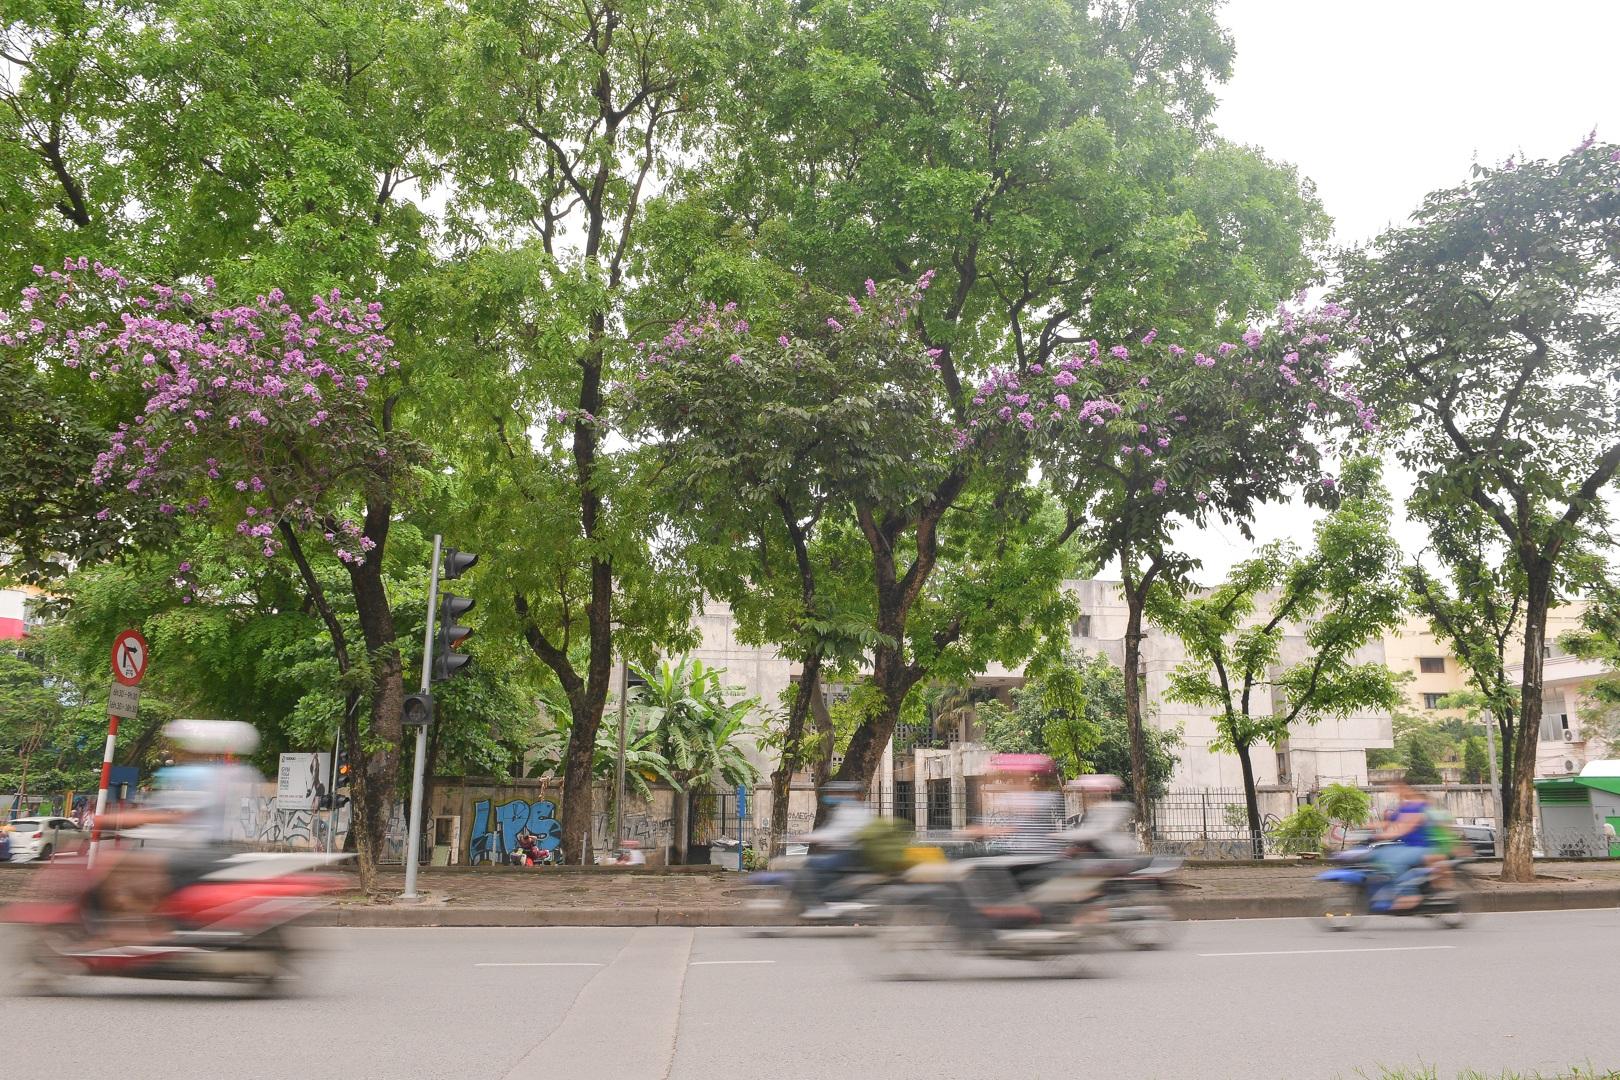 Hoa bằng lăng mộng mơ nhuộm tím đường phố Hà Nội - 6